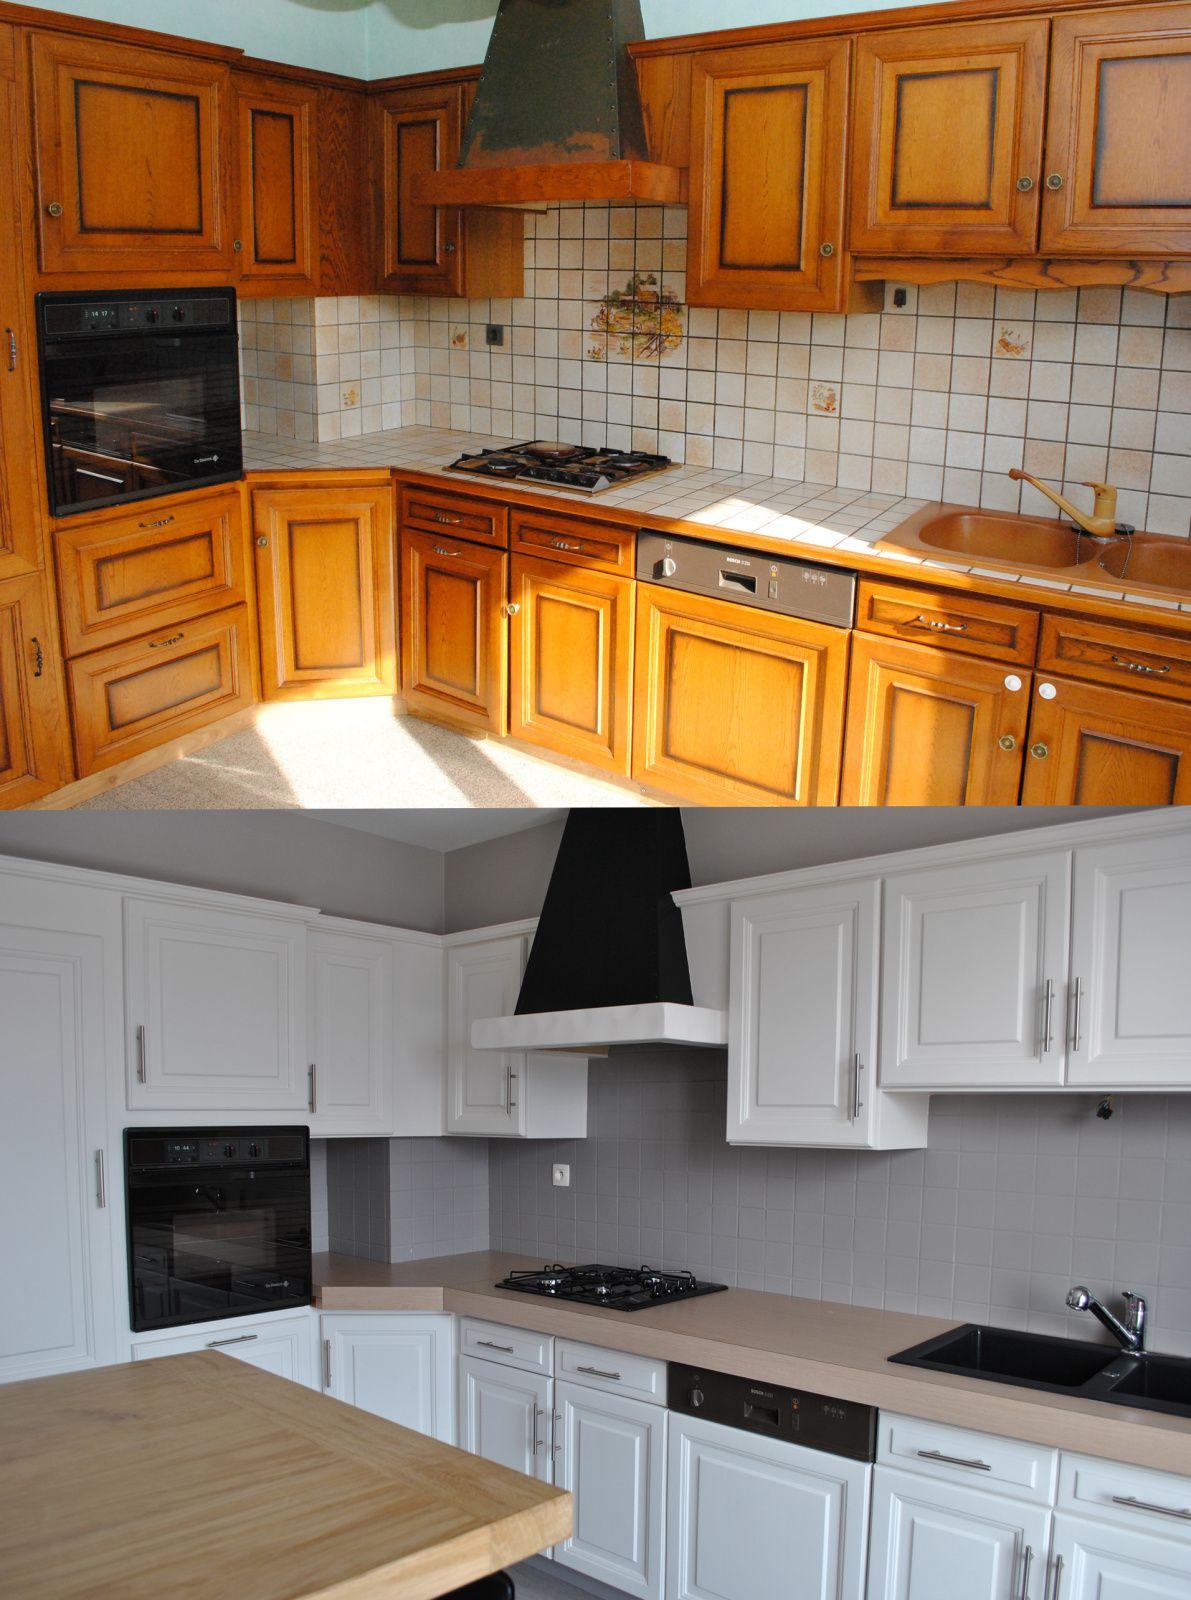 lorsque que nous avons achet notre appartement la cuisine datait des annes 80 et navait pas souvent t rnove les meubles ont t ponc